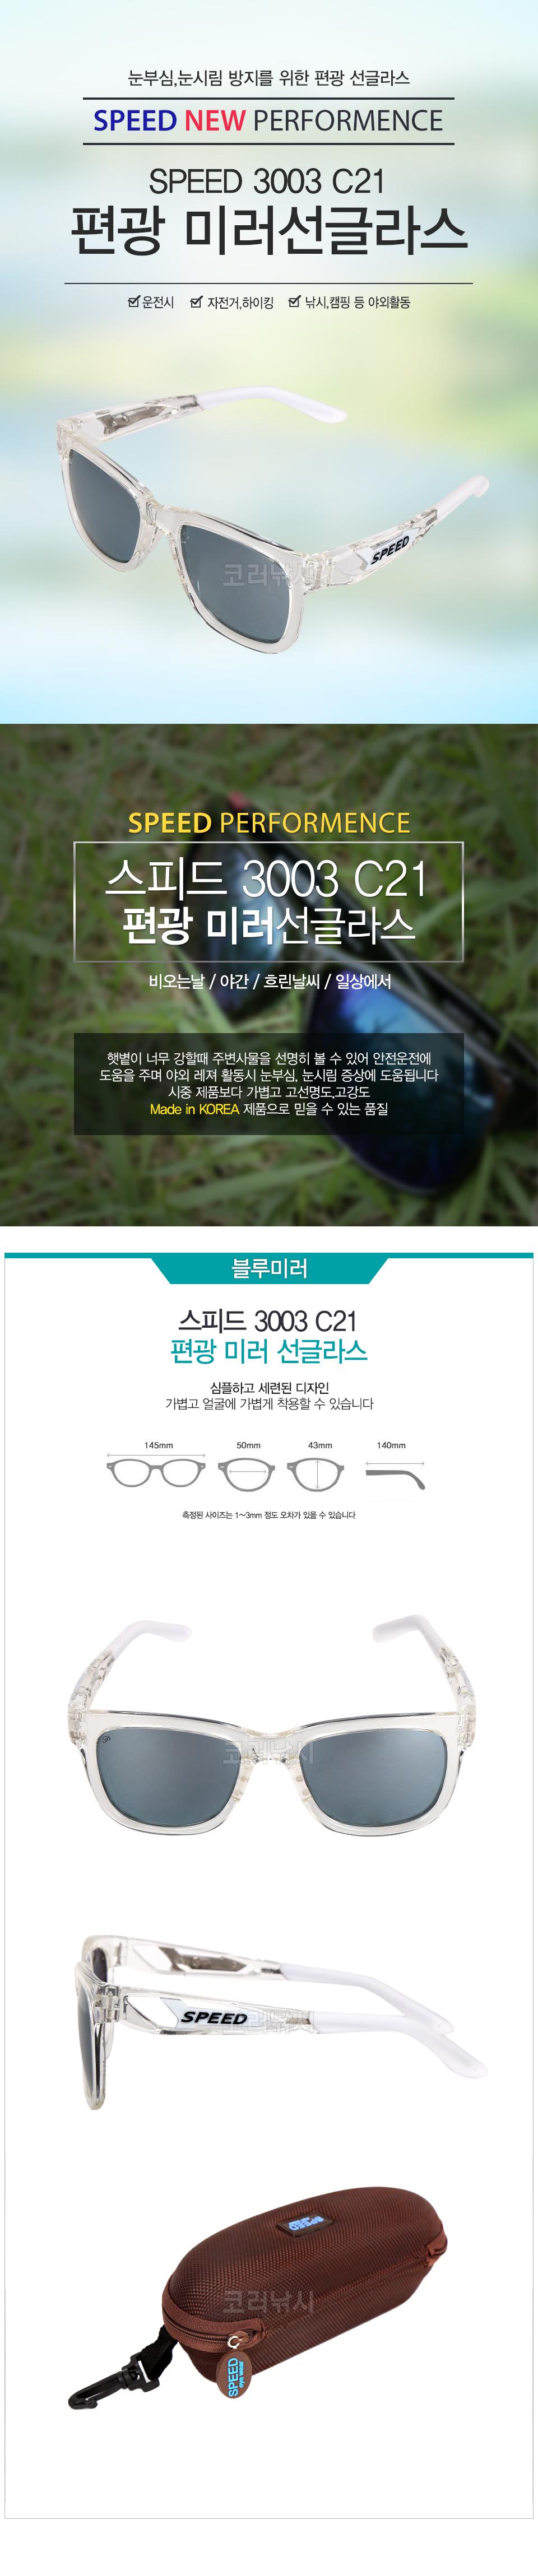 스피드 편광 미러선글라스 3003 C21 (MADE IN KOREA)  스피드썬글라스 SPEED 편광선글라스 미러선글라스